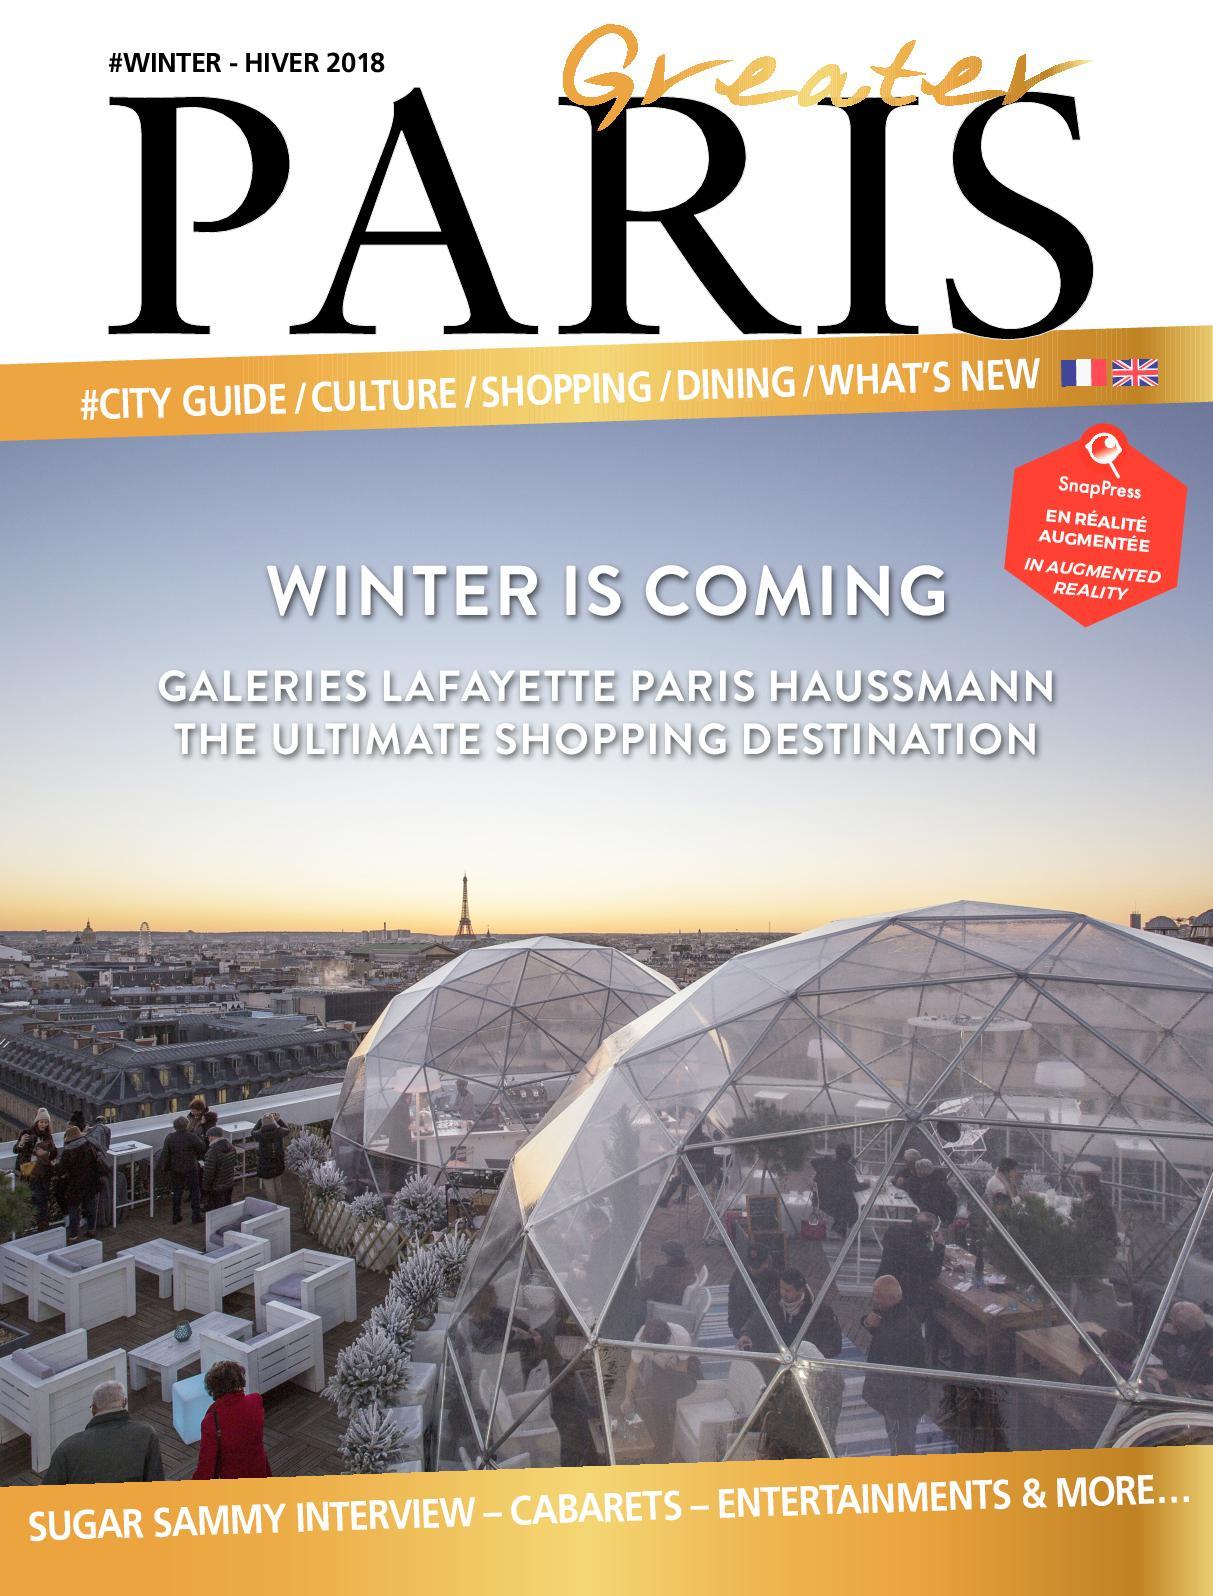 2018 Winter Hiver 2019 Greater Paris Calaméo knX80wOP